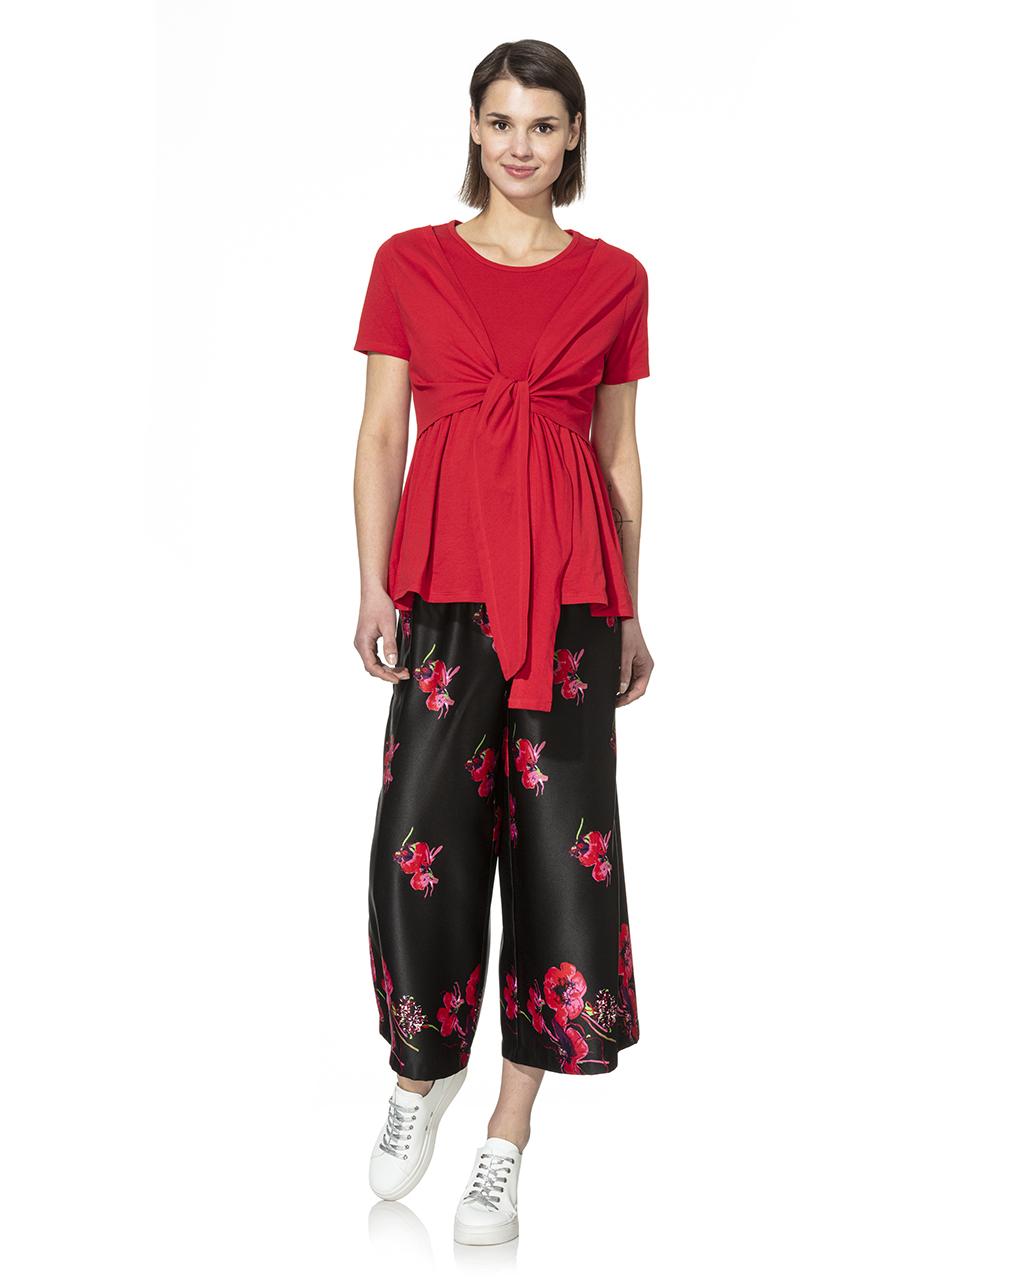 Γυναικείο Παντελόνι Μαύρο με Λουλούδια